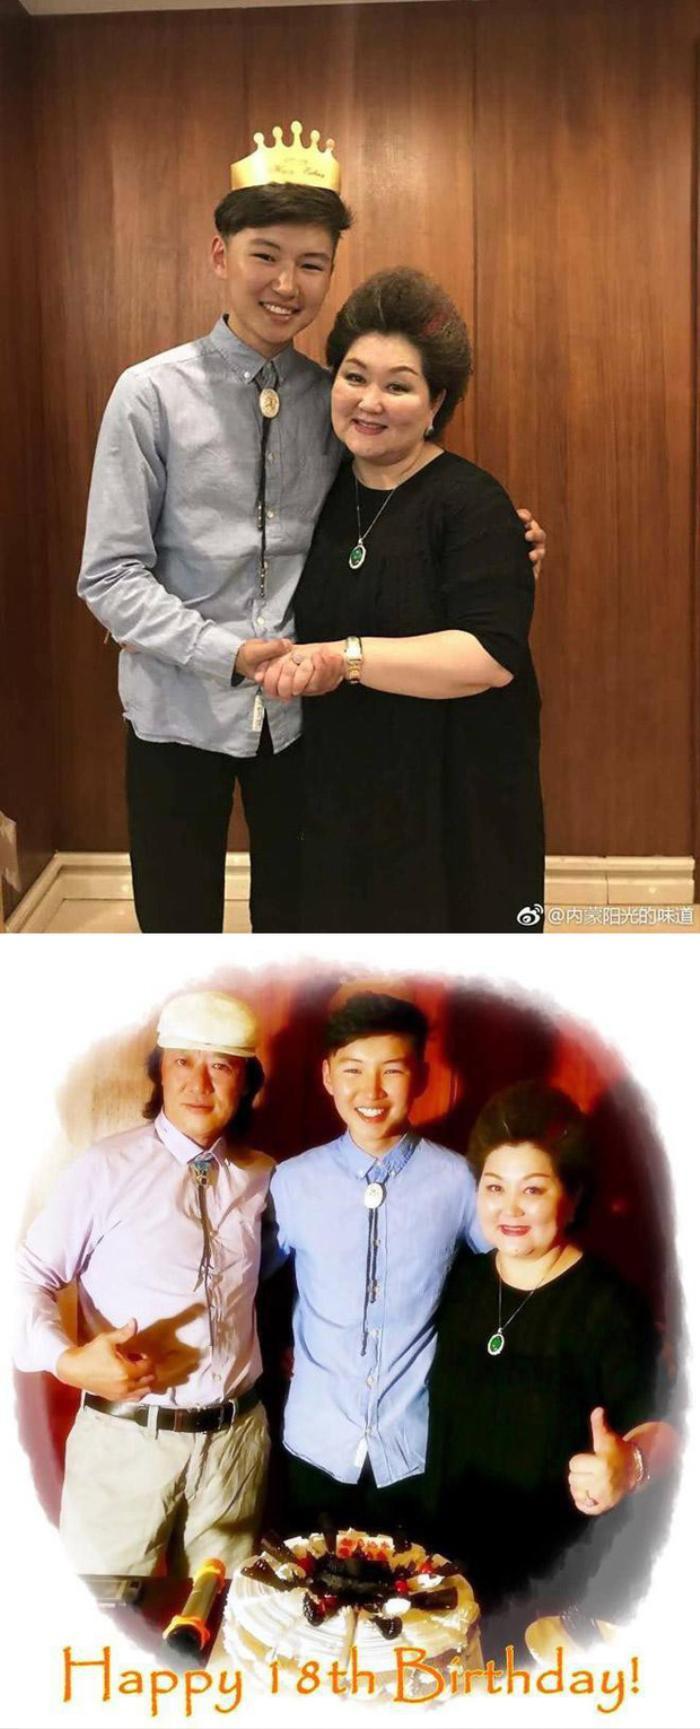 Uudam bên cạnh bố mẹ nuôi là Buren và Rina, là những ca sĩ có tiếng ở xứ Mông Cổ.